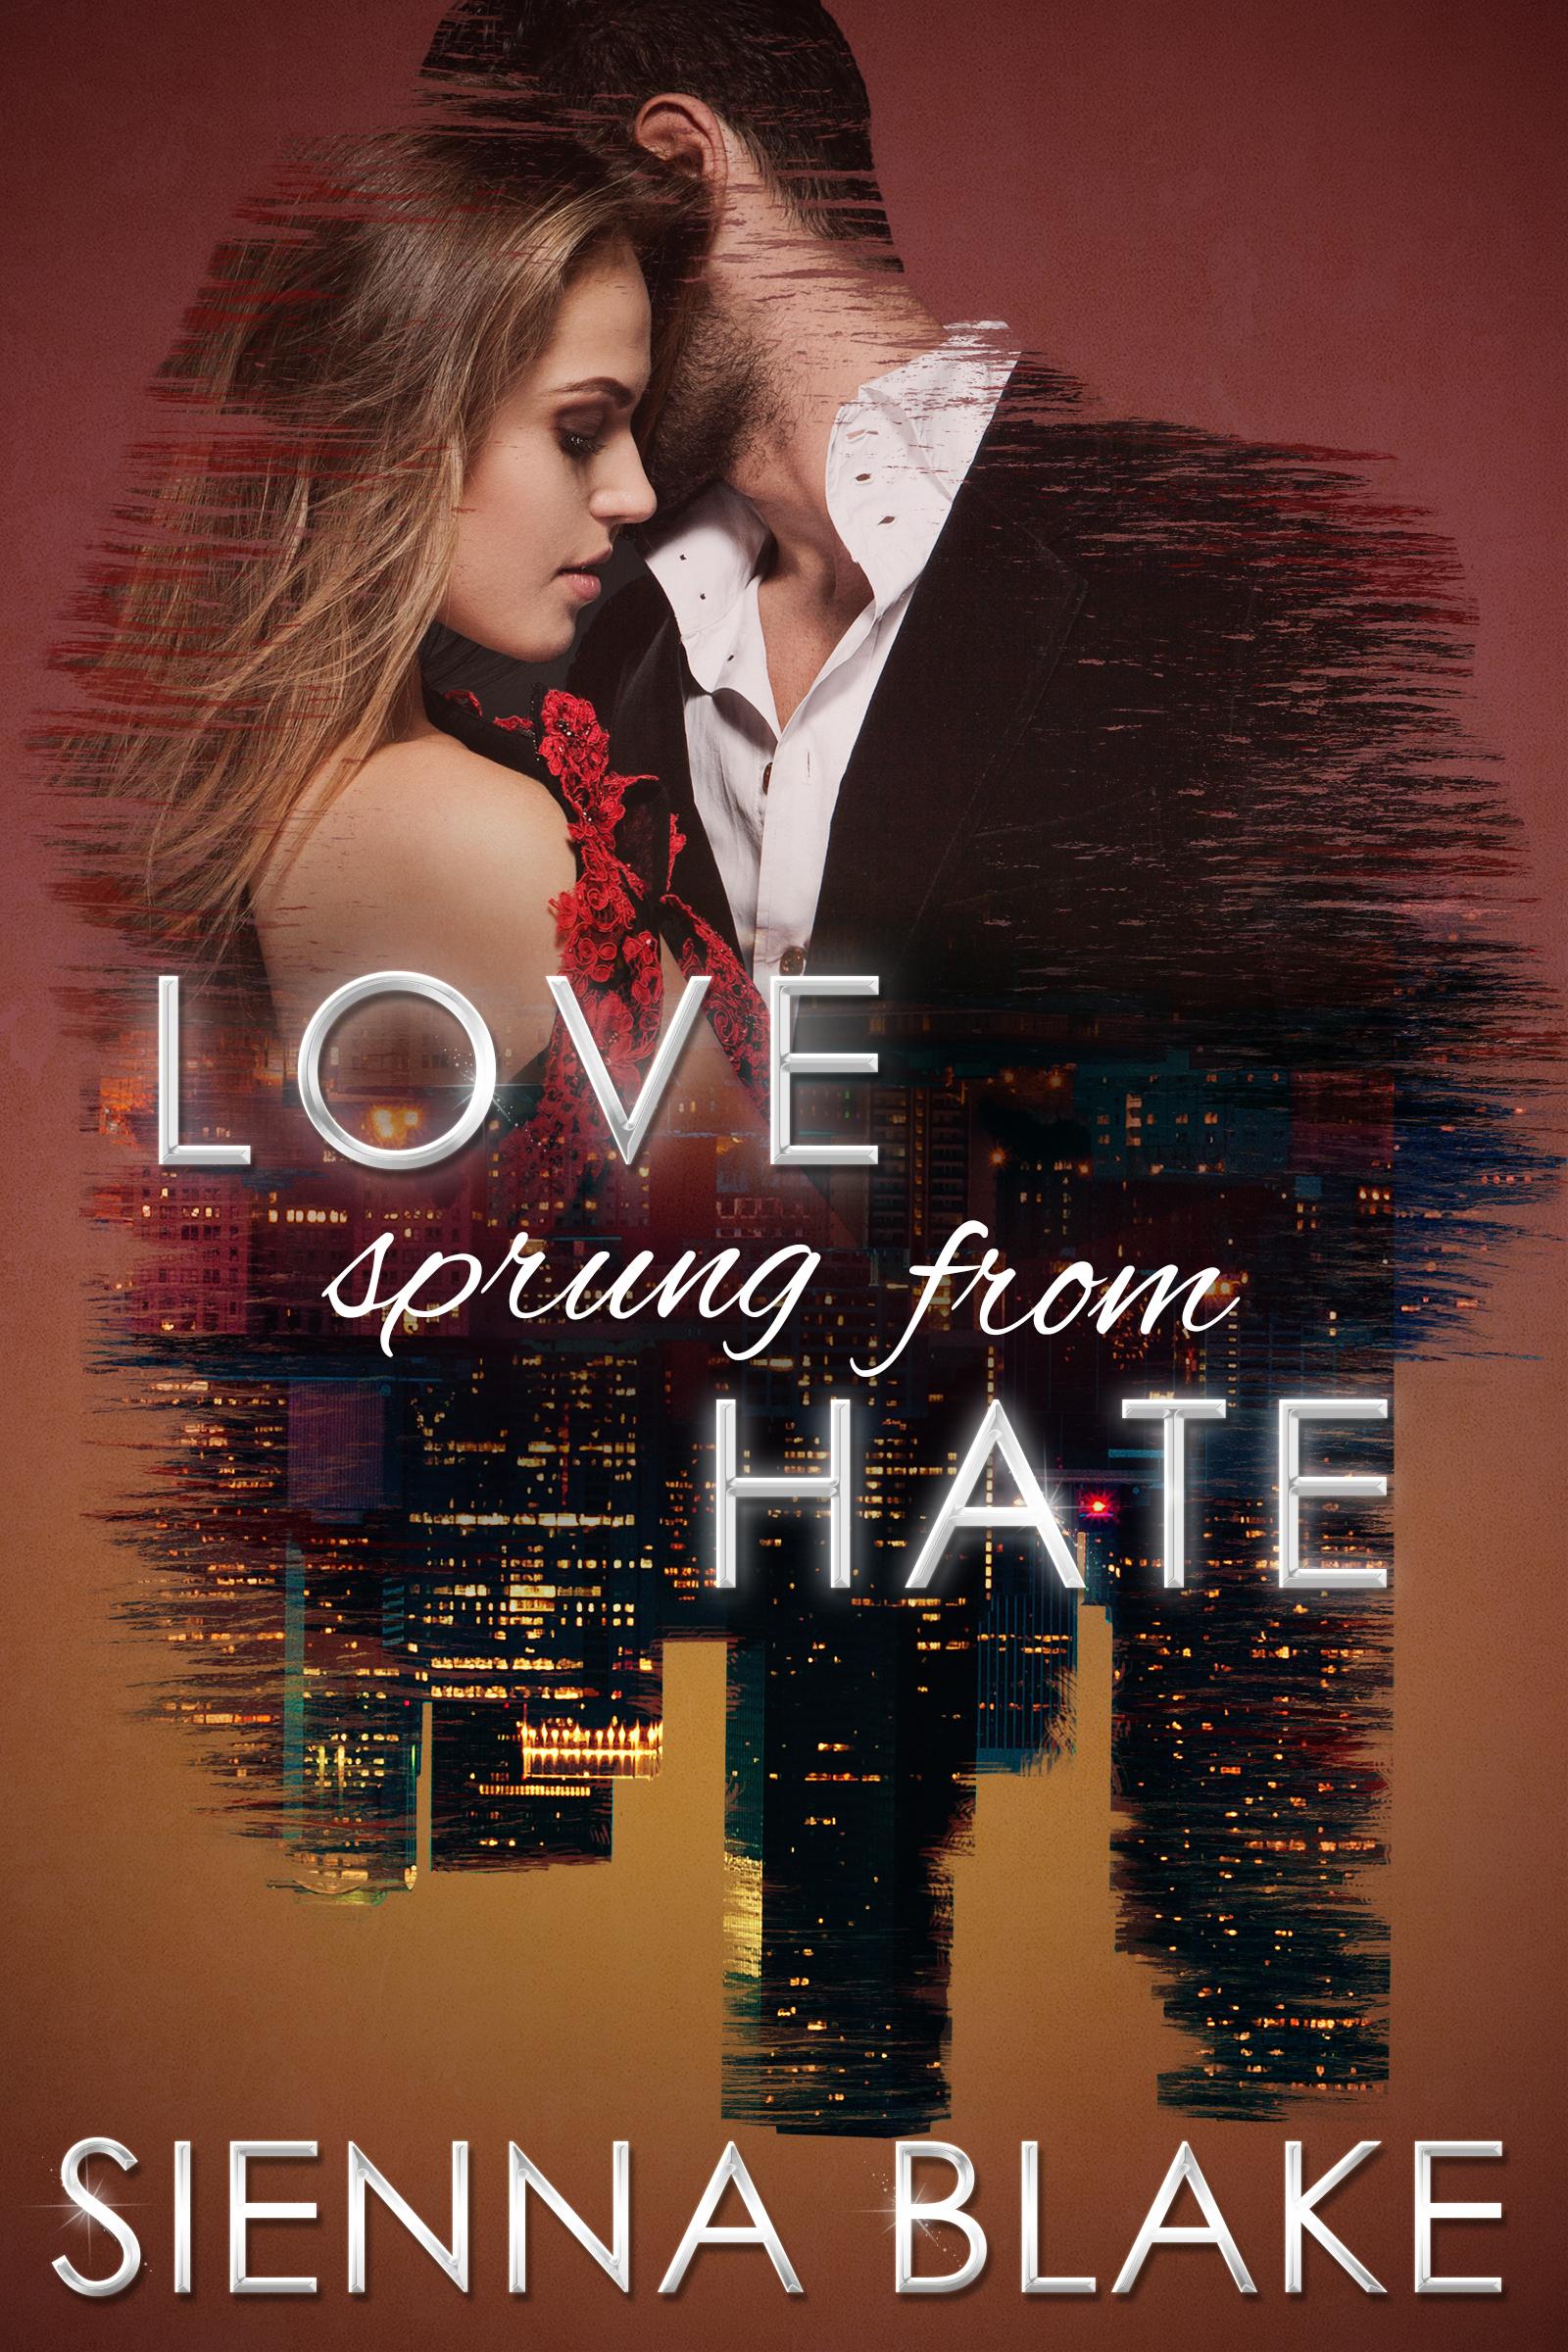 Love Sprung From Hate (Dark Romeo Trilogy #1) by Sienna Blake